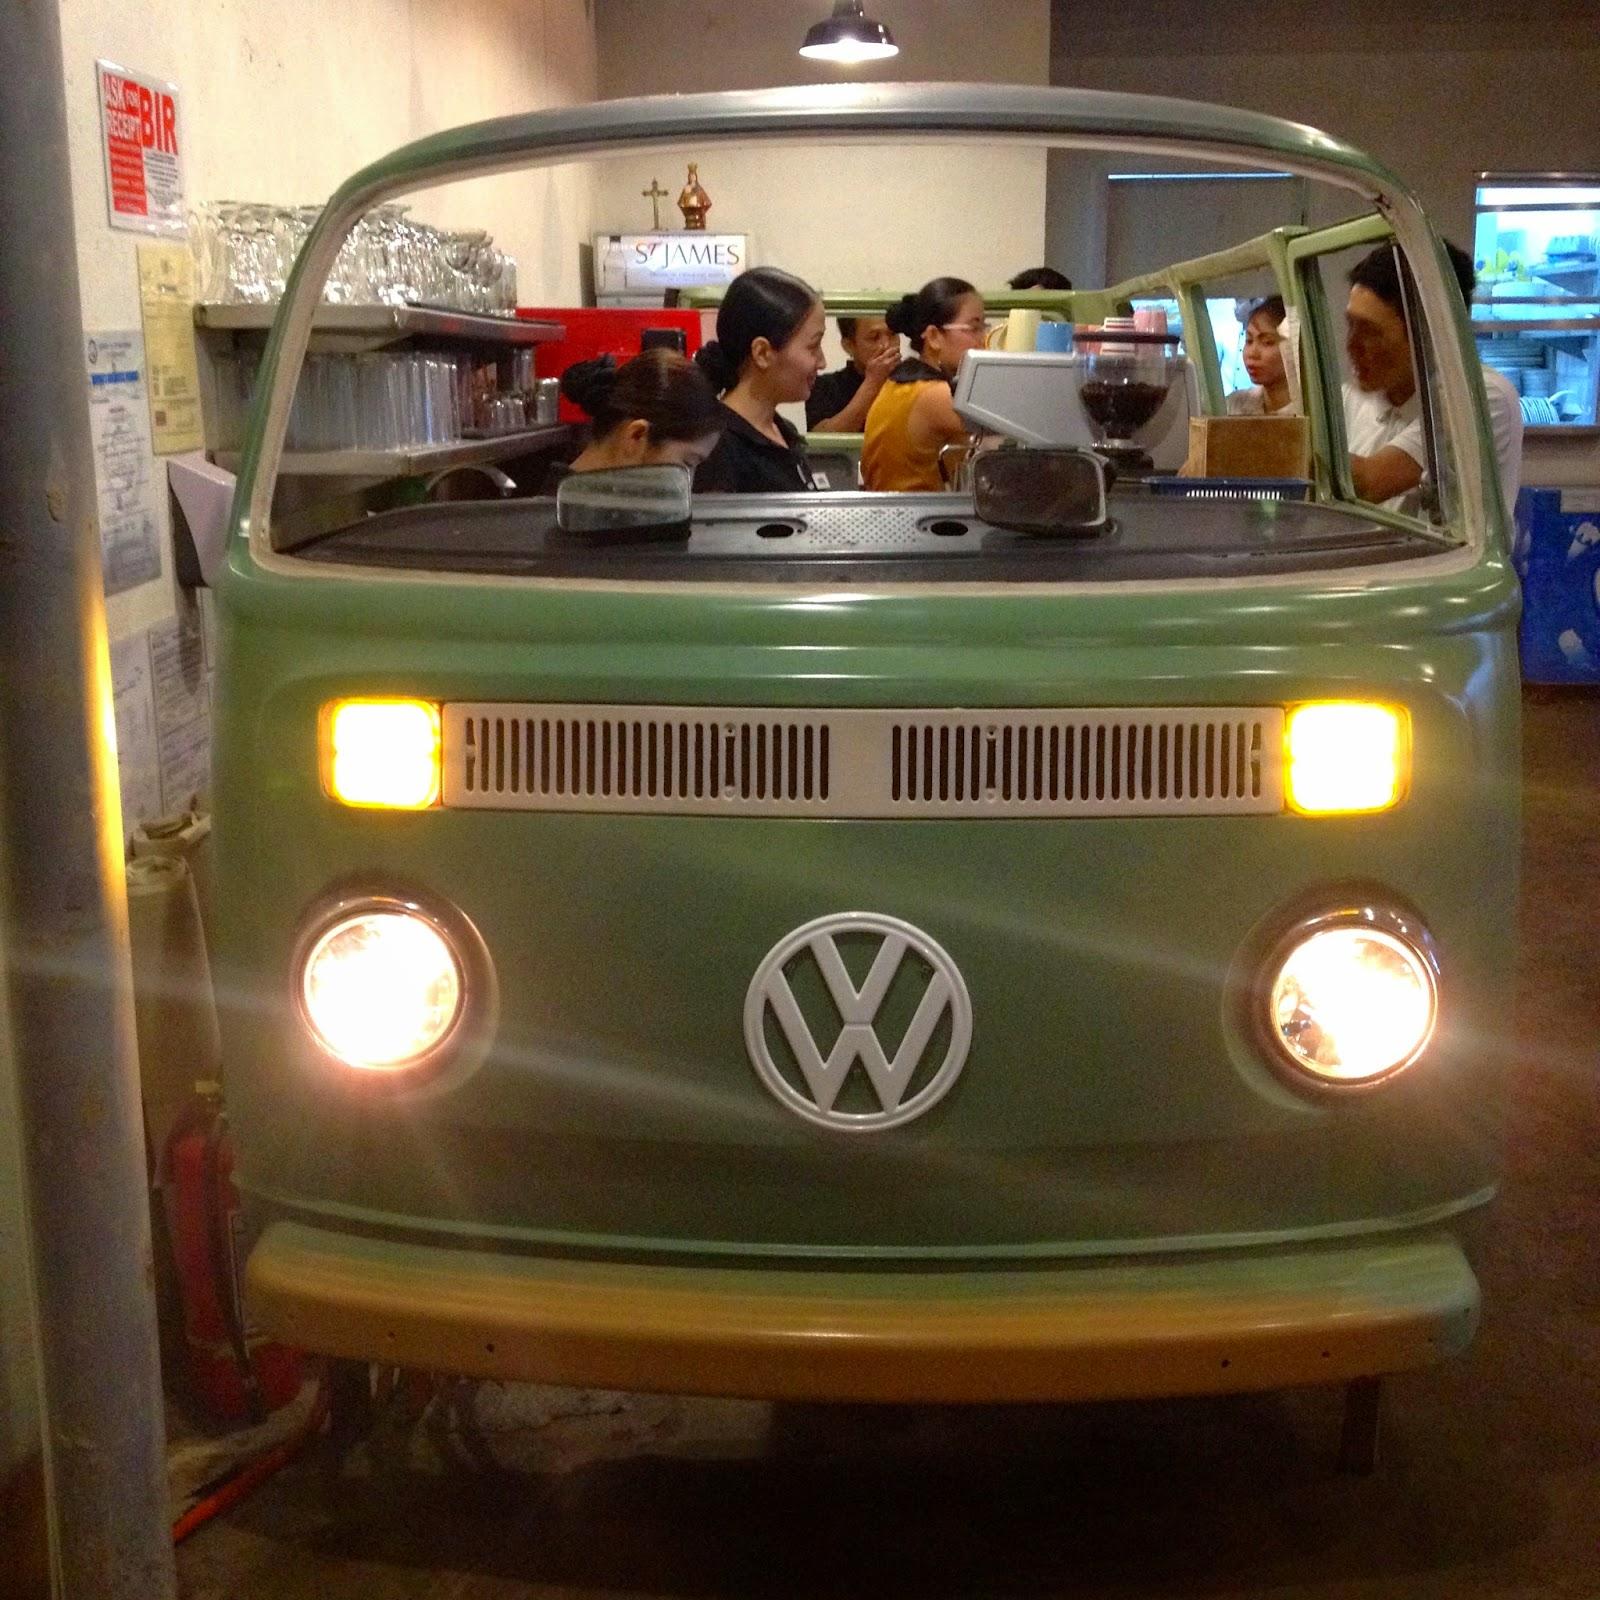 VW van at a diner in Cebu